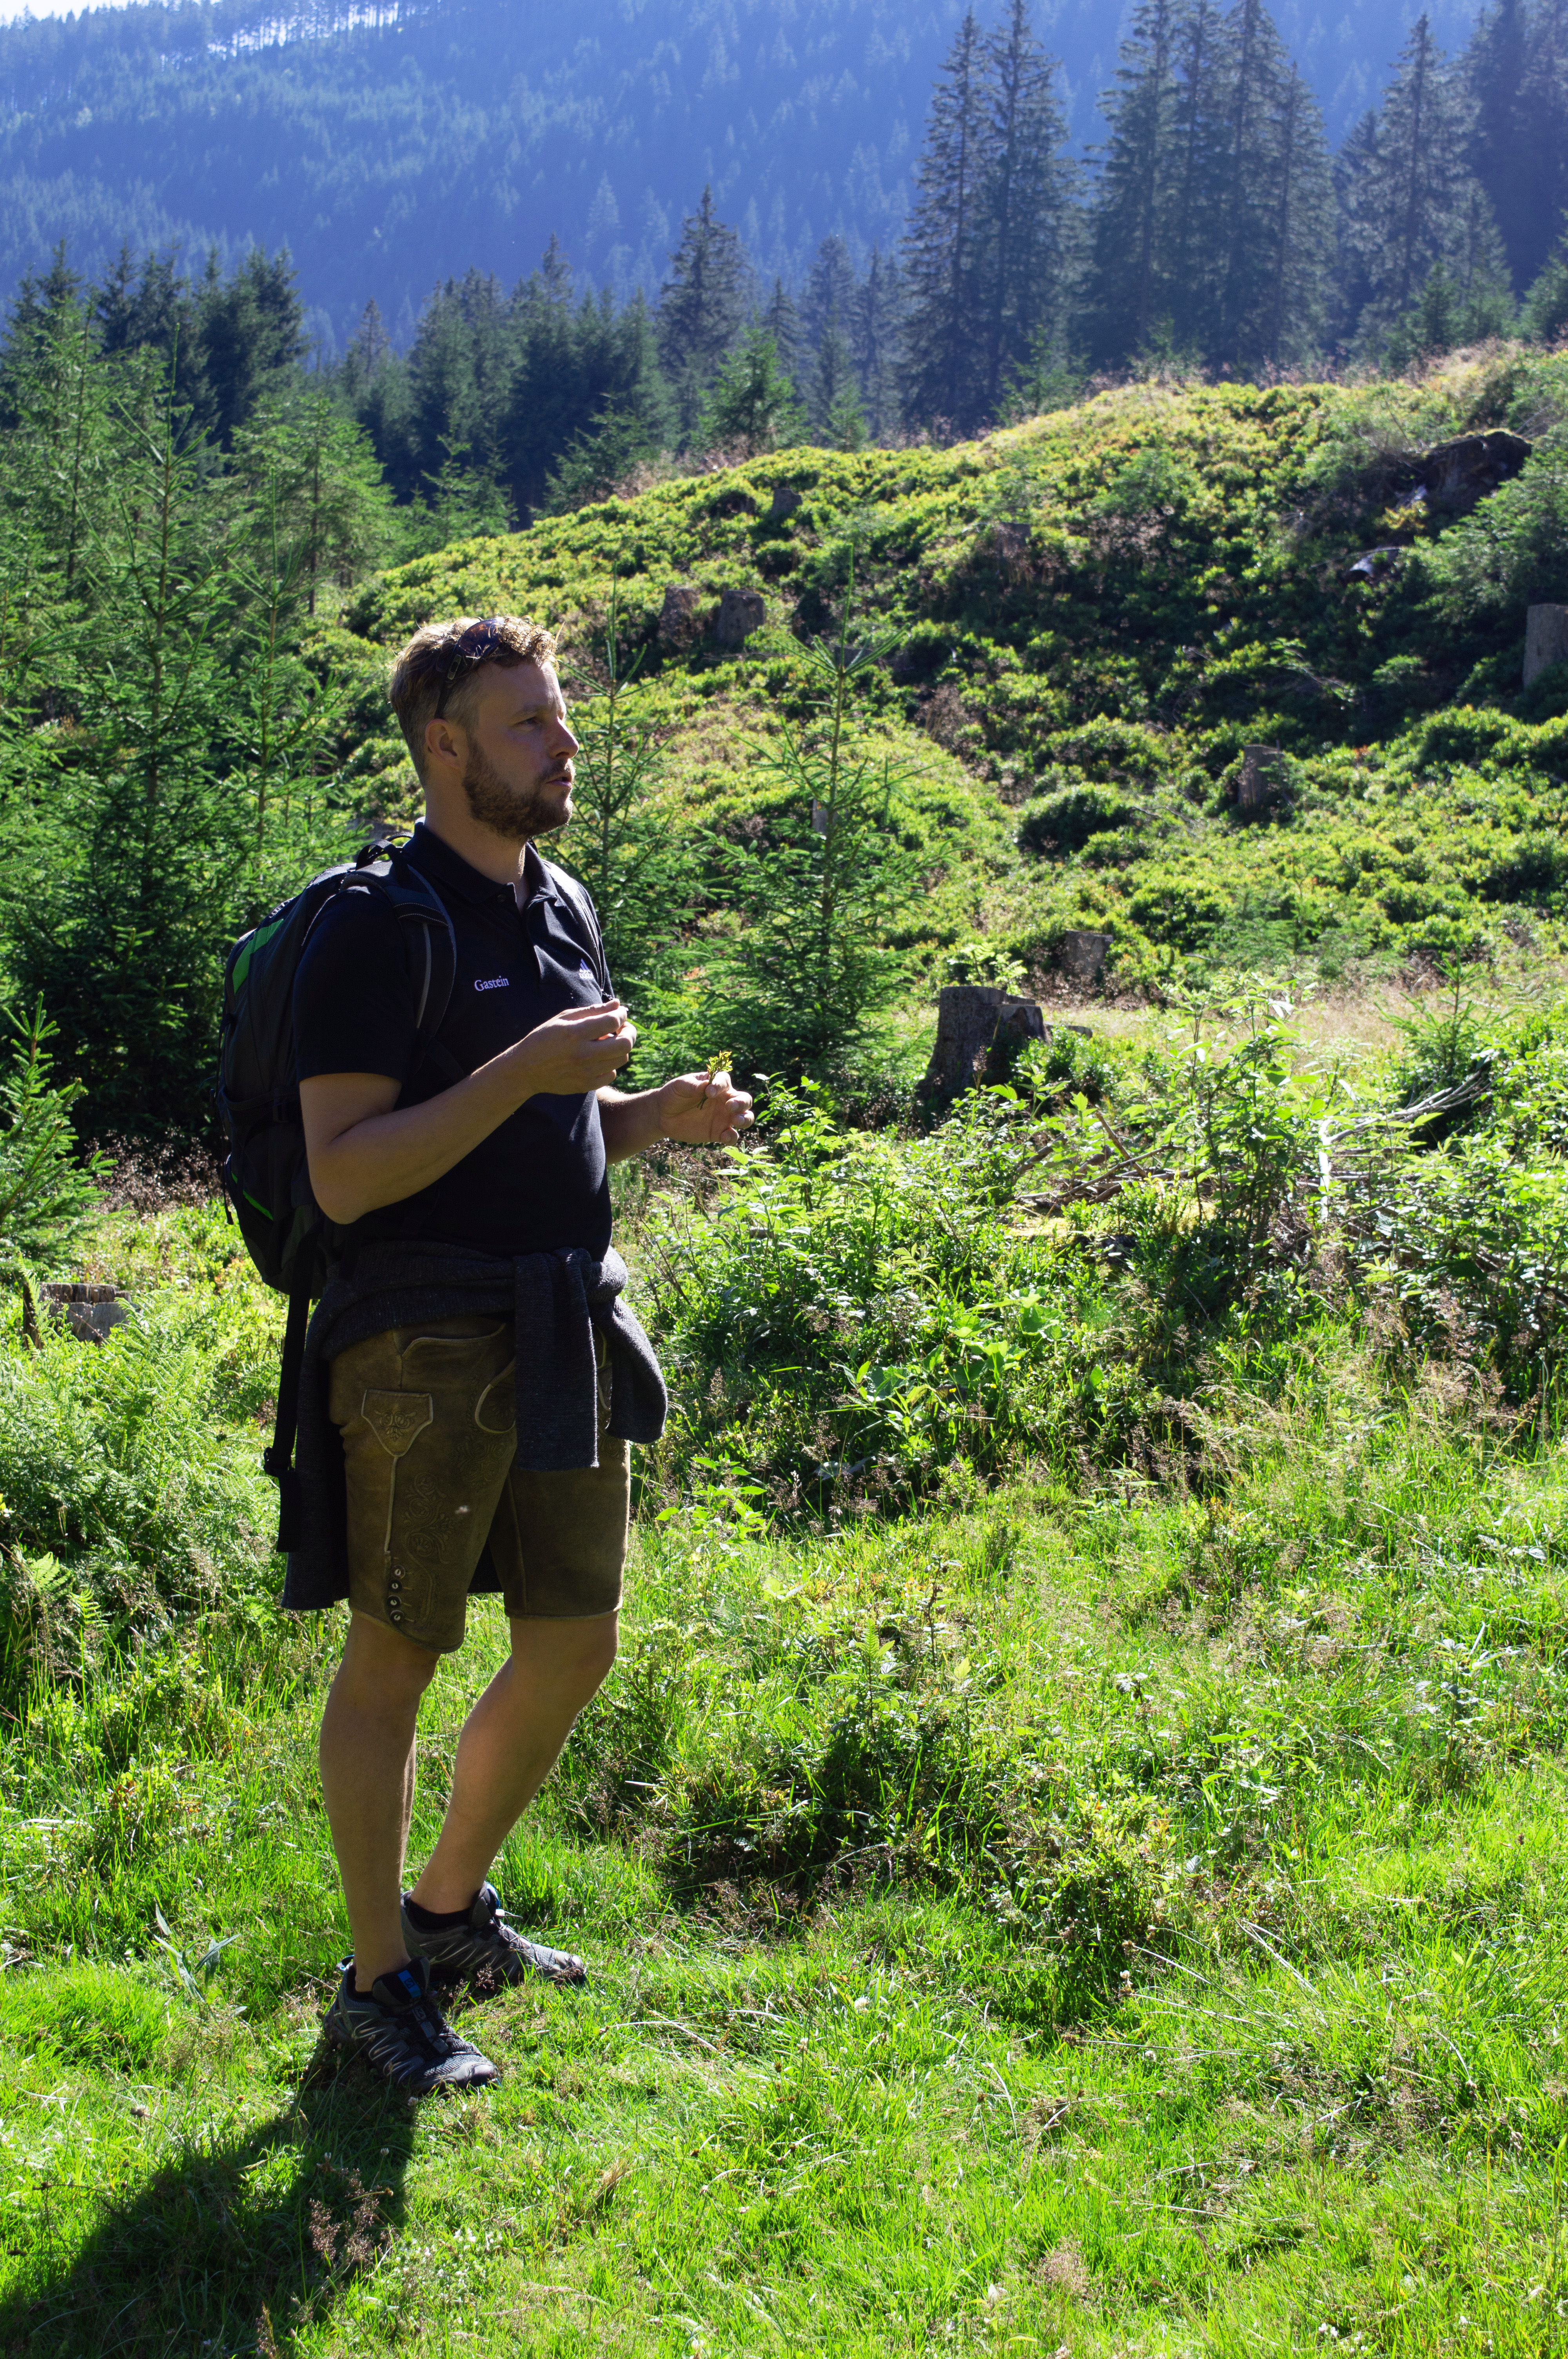 Stefan erklärt Flora & Fauna während der Wanderung